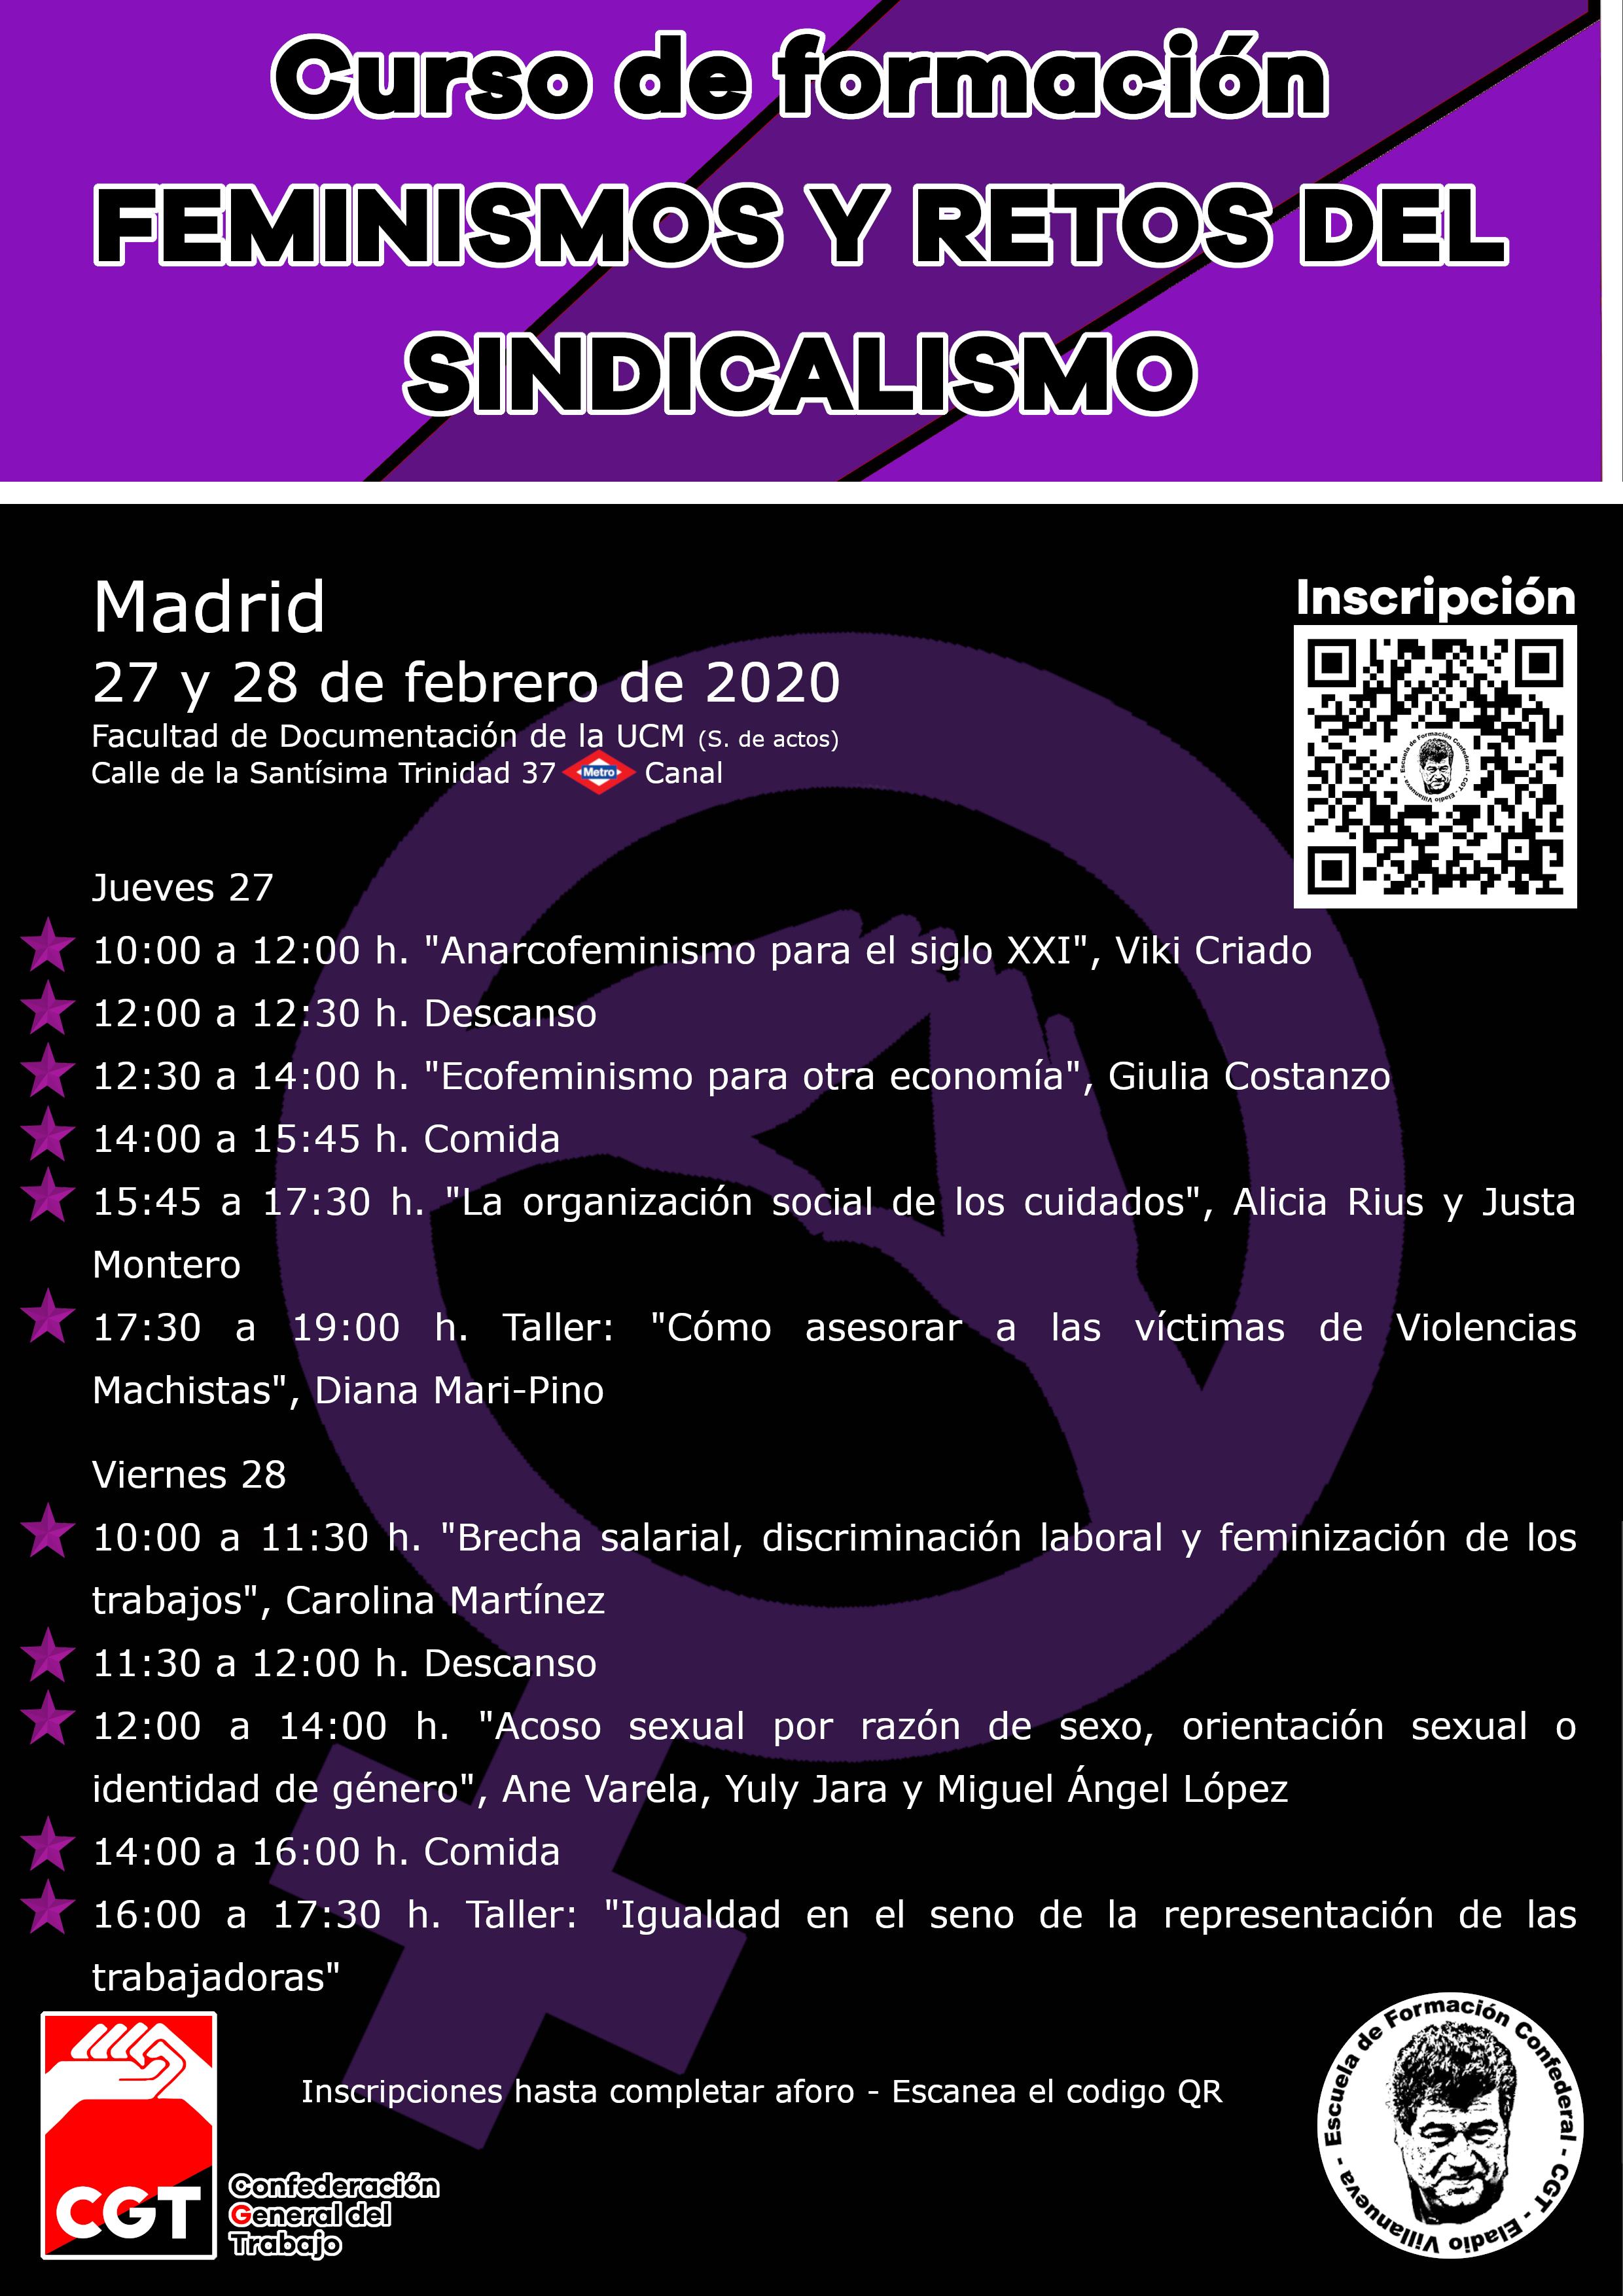 Curso de formación: Feminismo y retos del sindicalismo